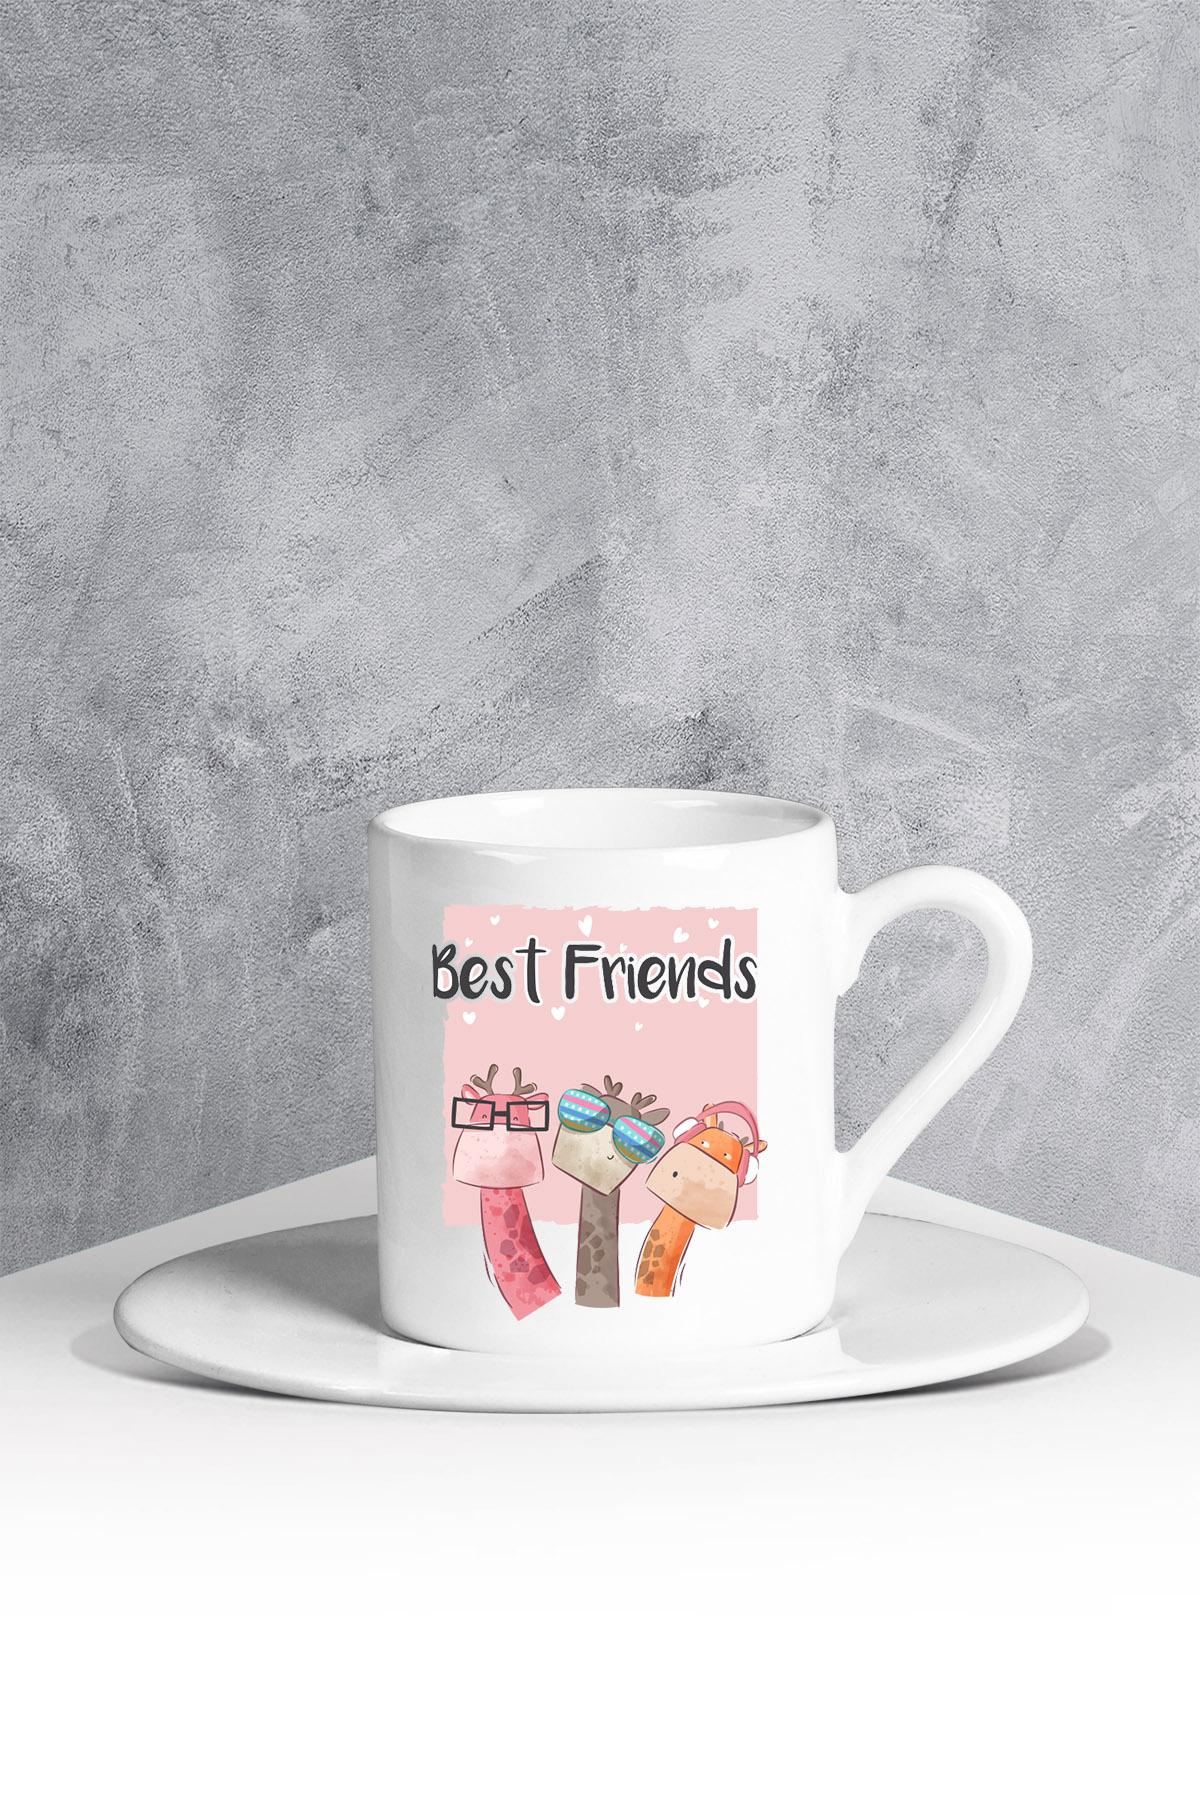 كوب قهوة أبيض بتصميم Best Friends